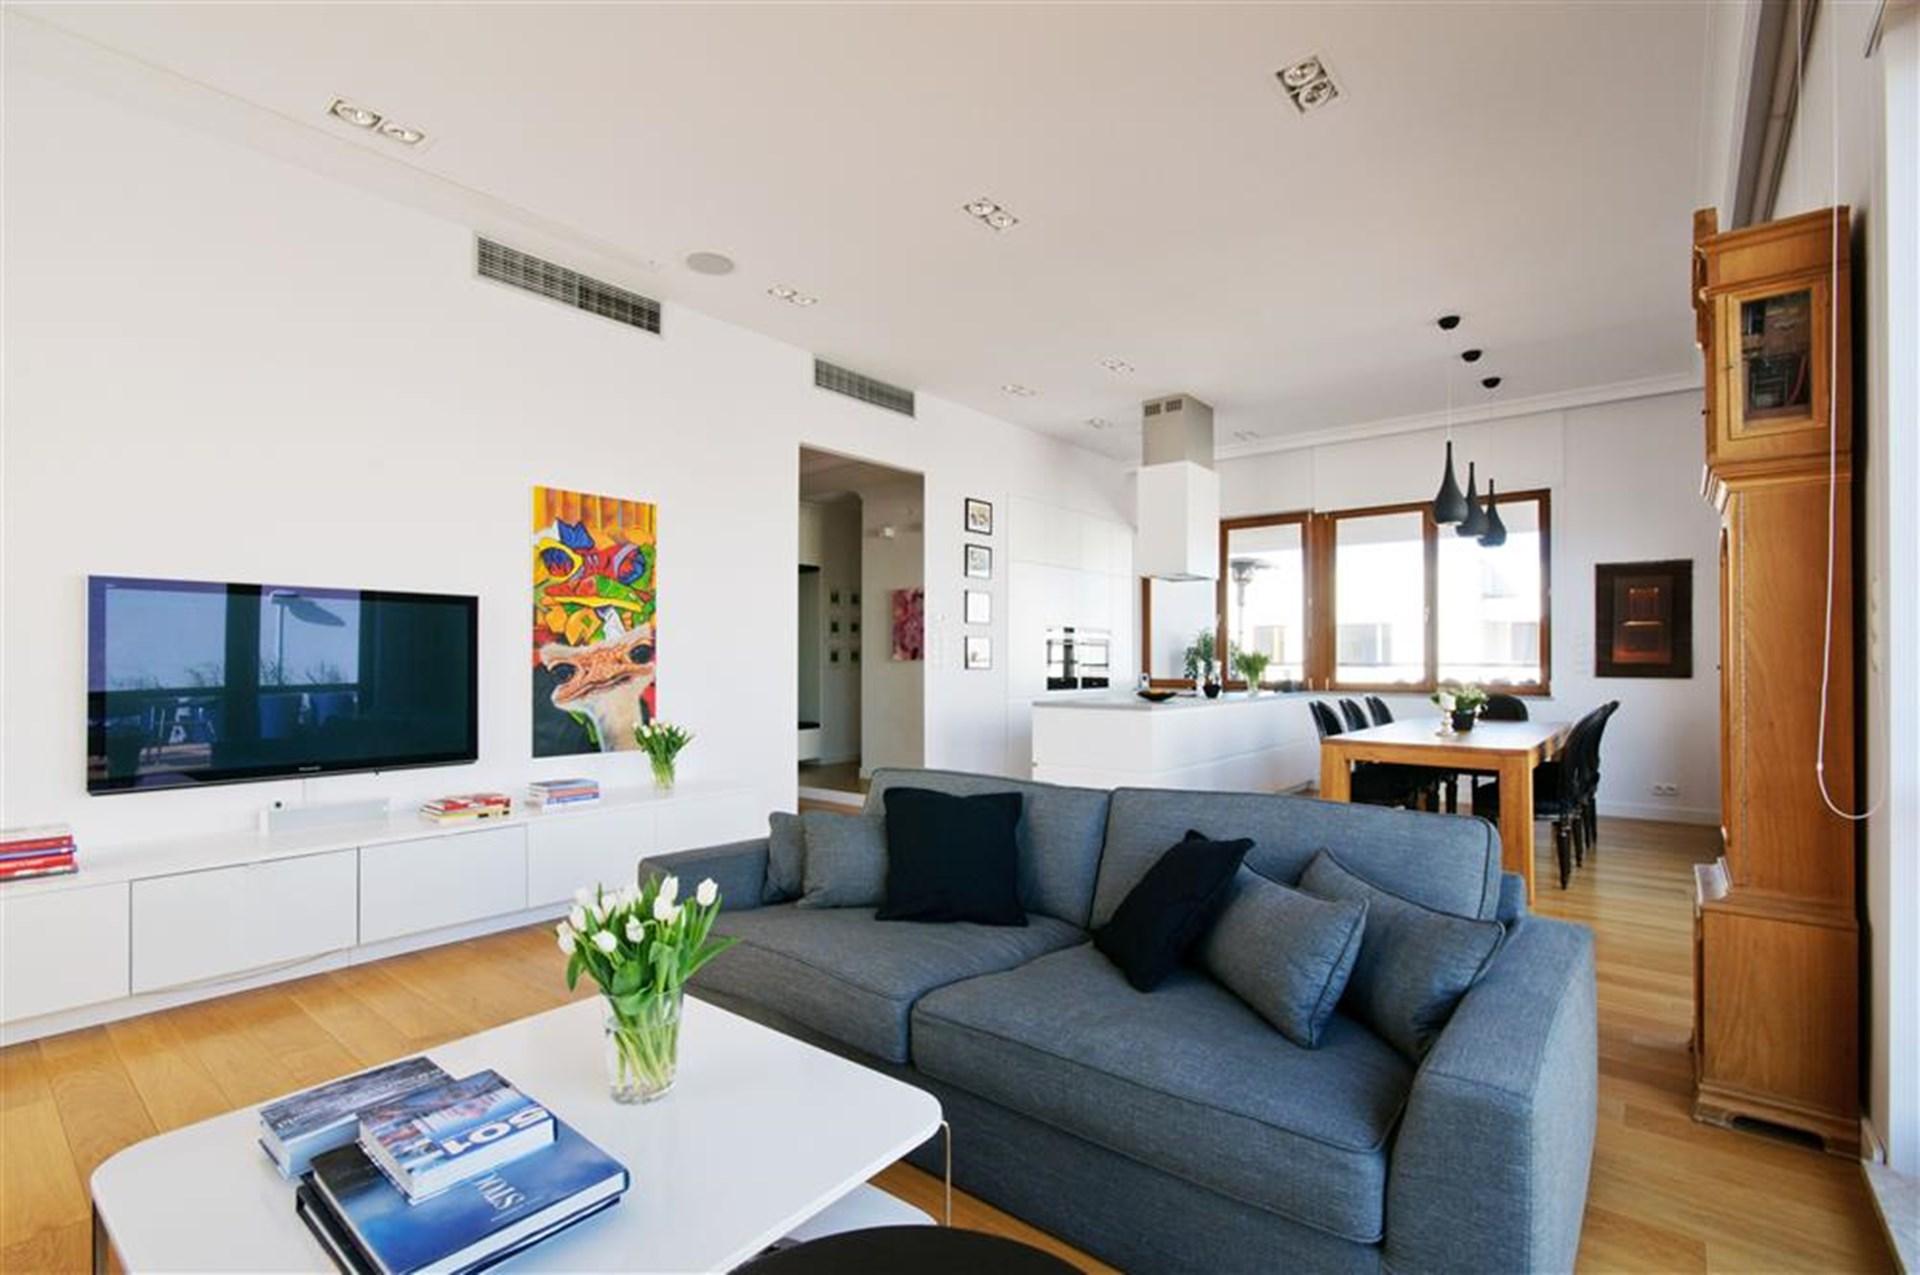 Otwarta kuchnia w bieli hola design homesquare - Otwarta Kuchnia W Bieli Hola Design Homesquare 25